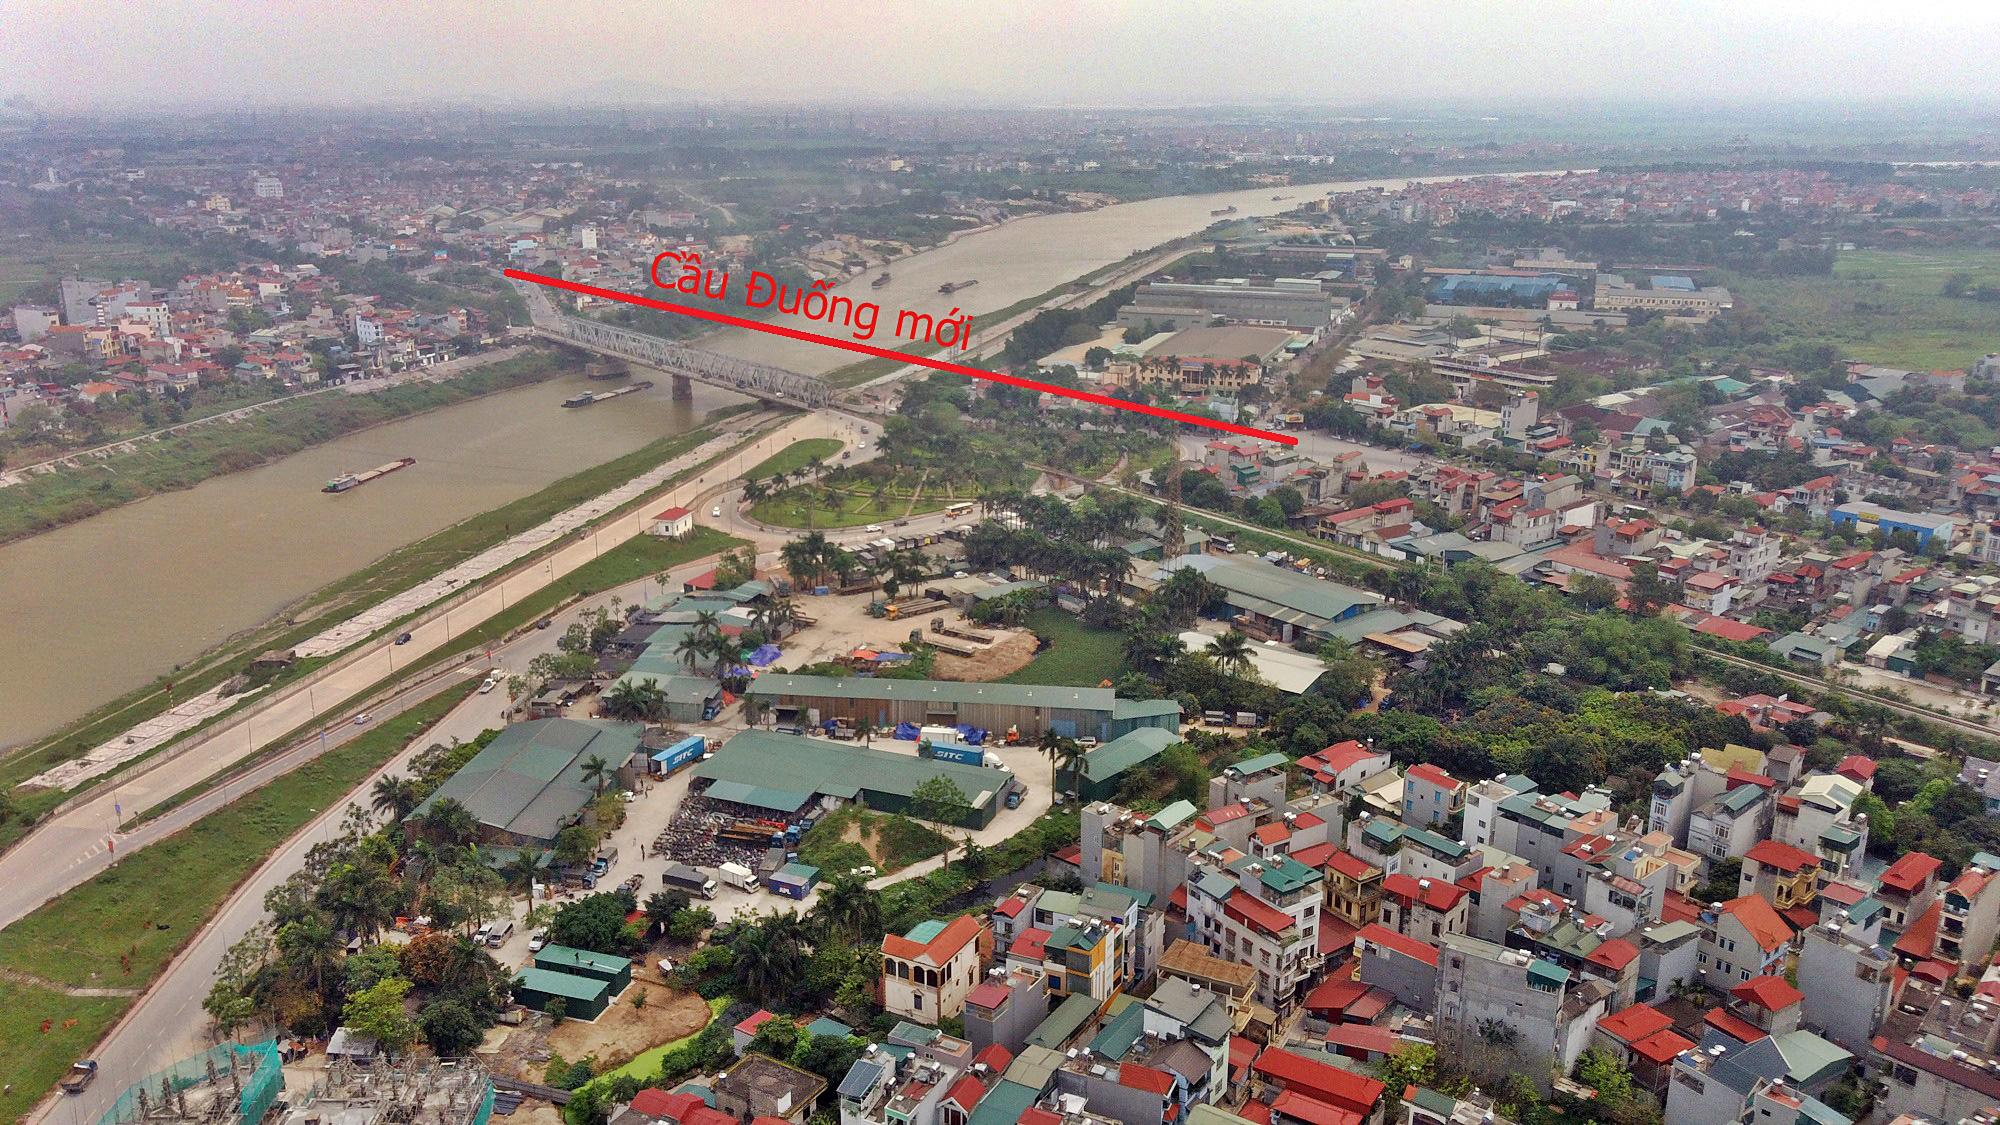 Cầu sẽ mở theo qui hoạch ở Hà Nội: Toàn cảnh vị trí làm cầu Đuống mới - Ảnh 10.